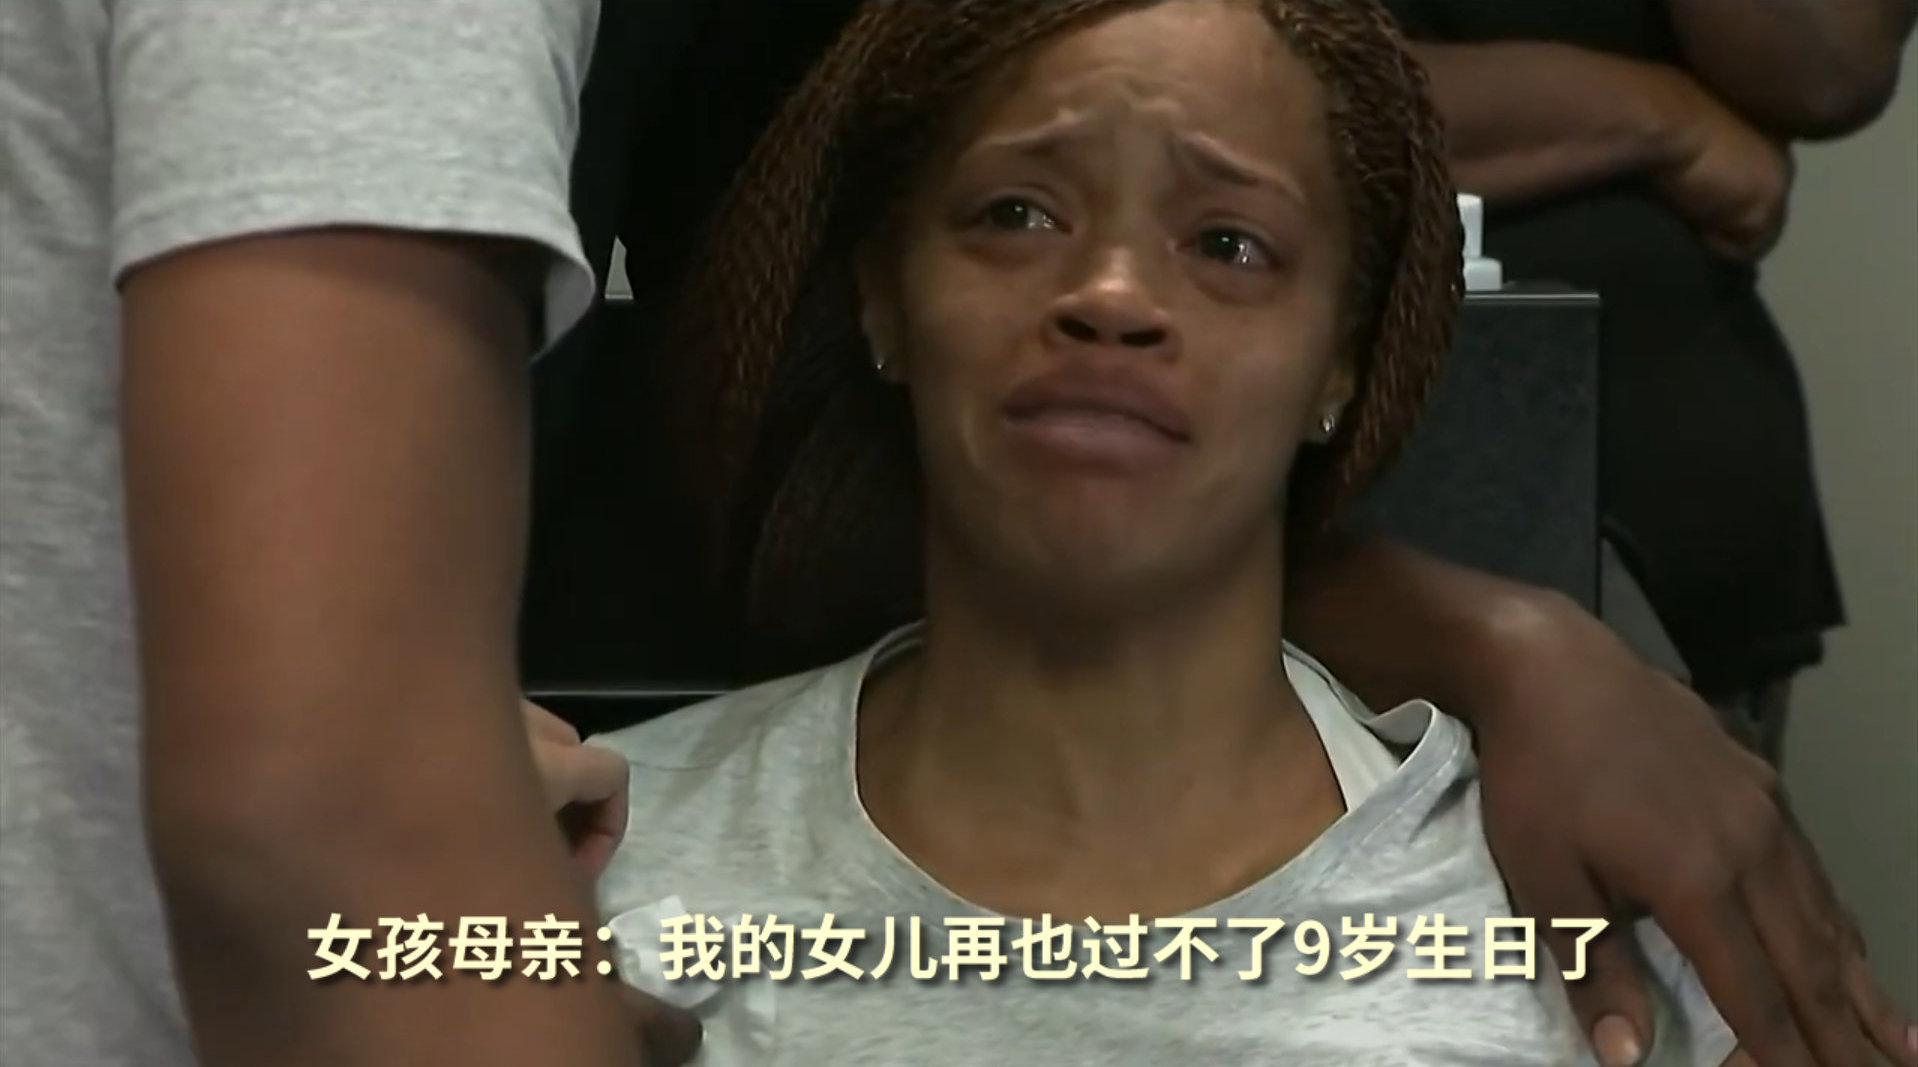 """8岁非裔女孩遭示威者枪杀 父亲:你们高喊""""黑人的命也是命"""" 却"""